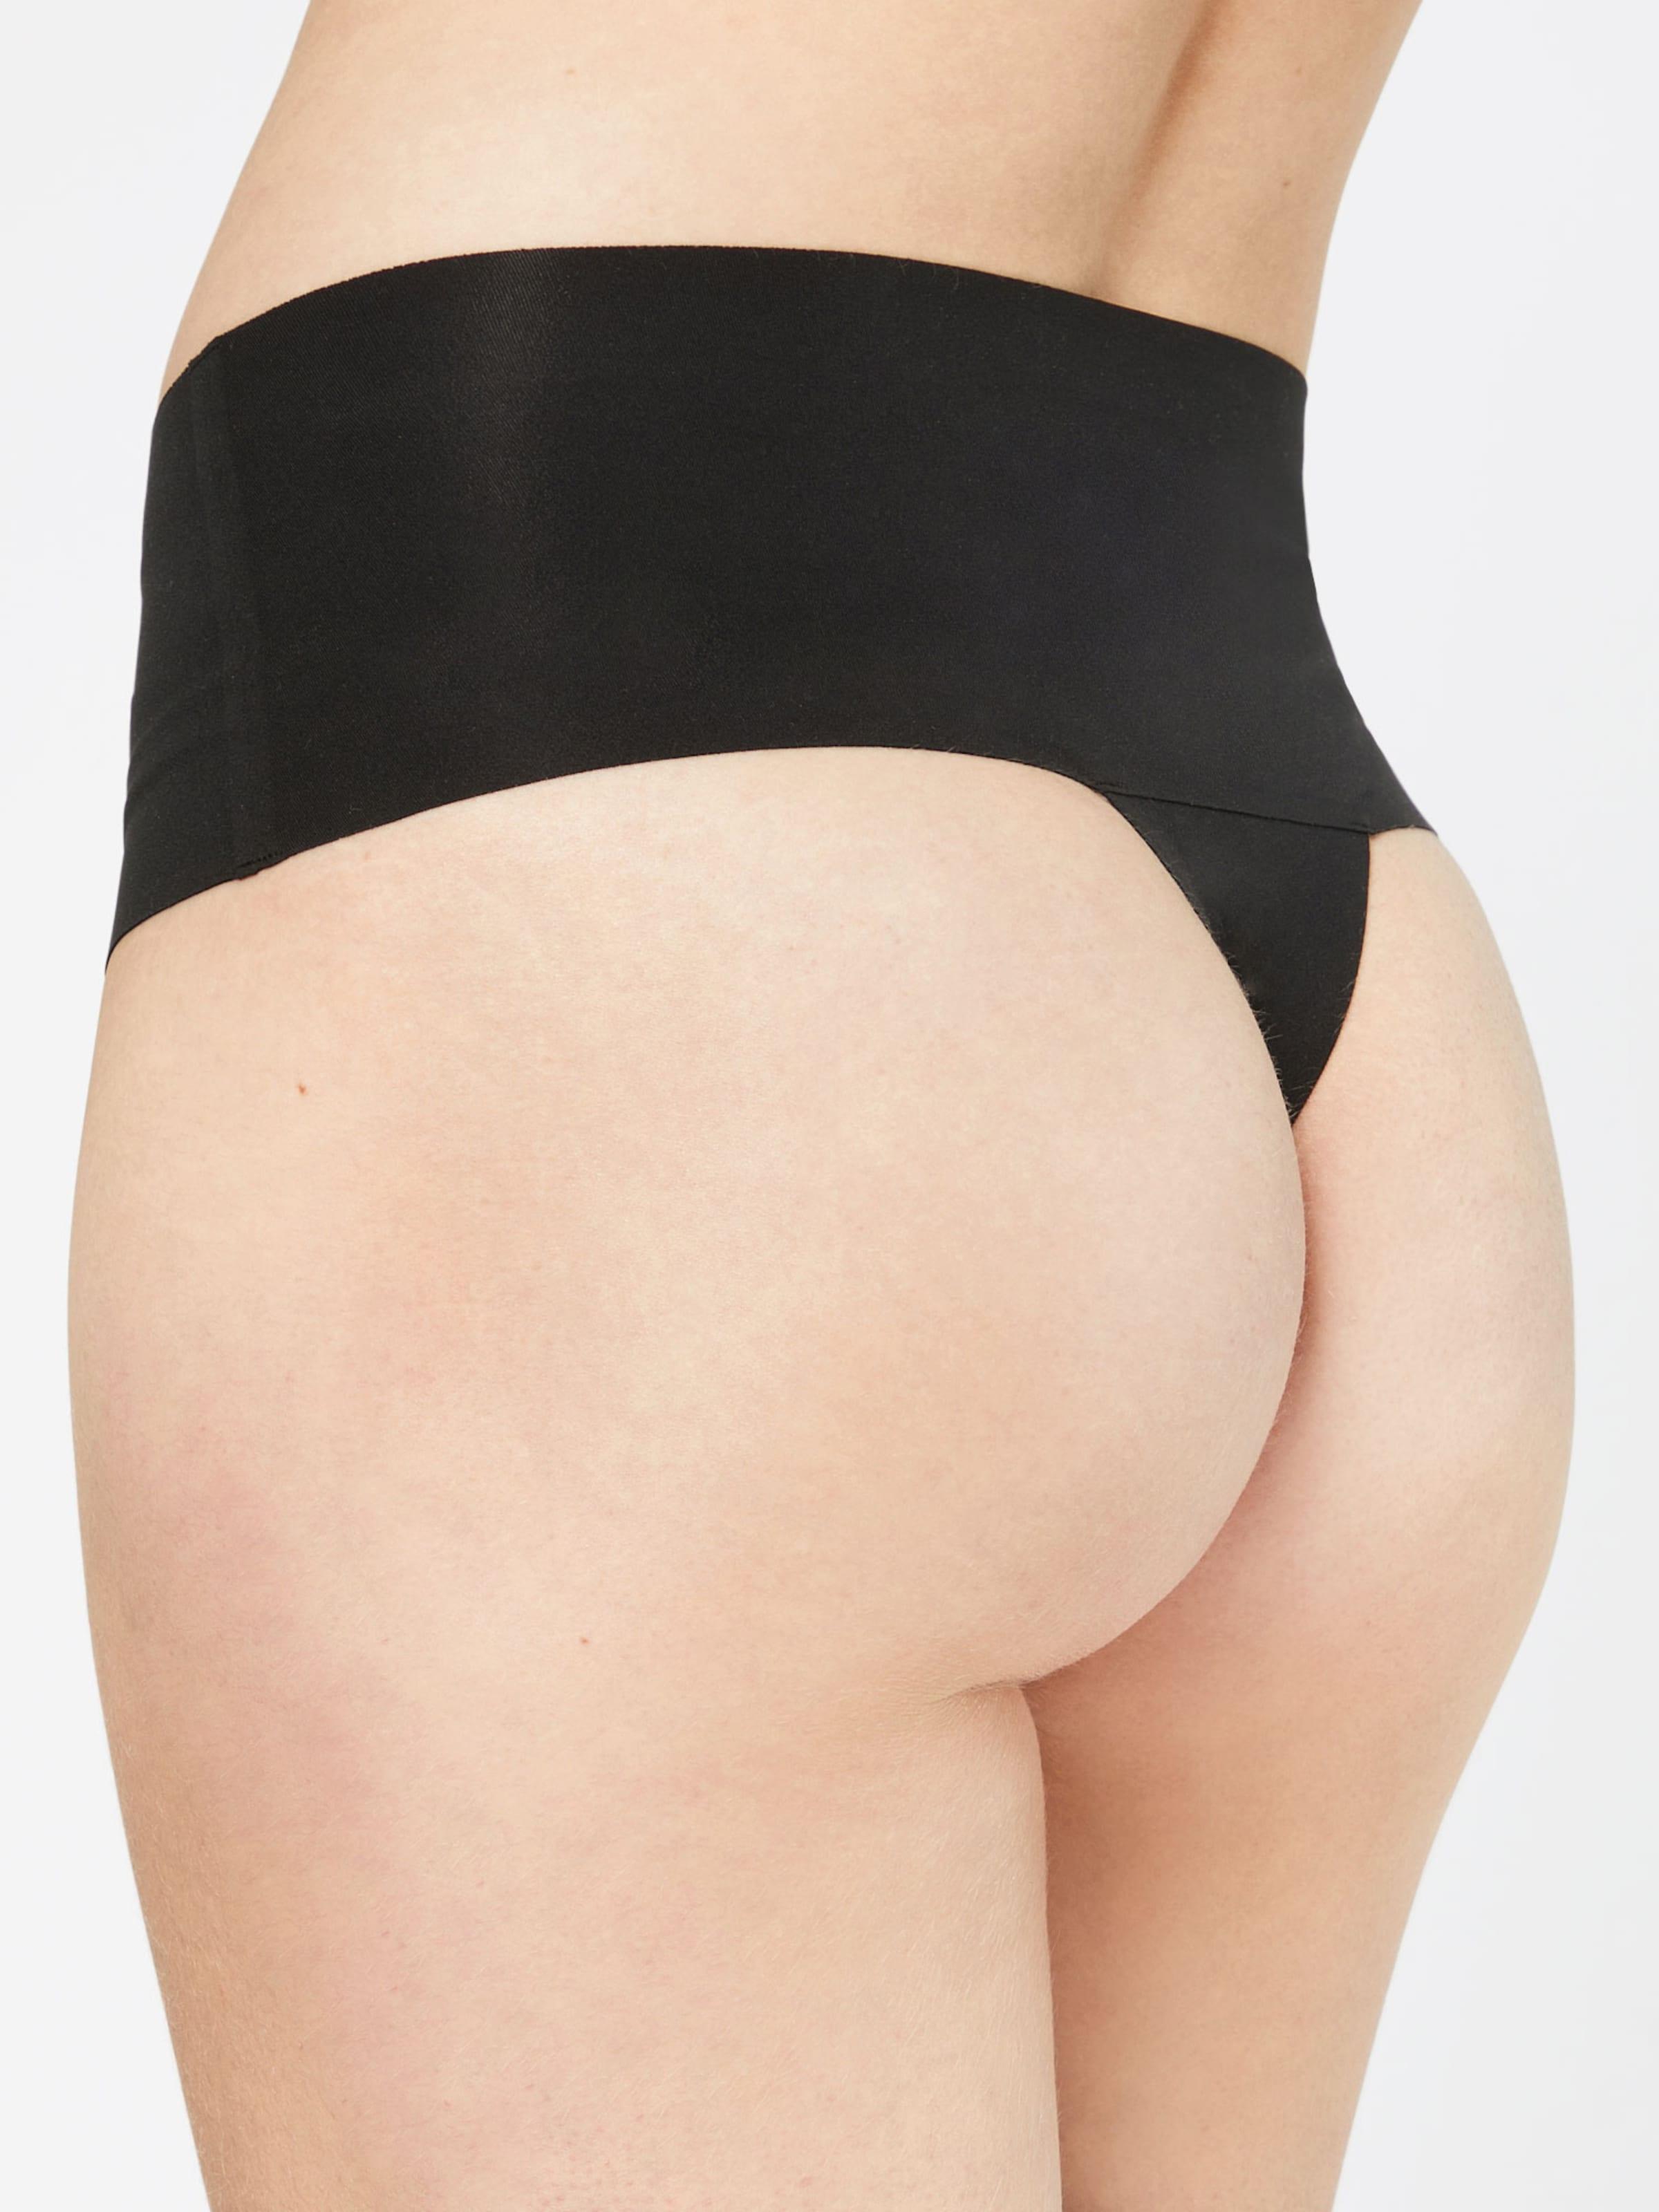 Spanx Nude 'undie tectable' Slip Scultant En byvmIY6gf7